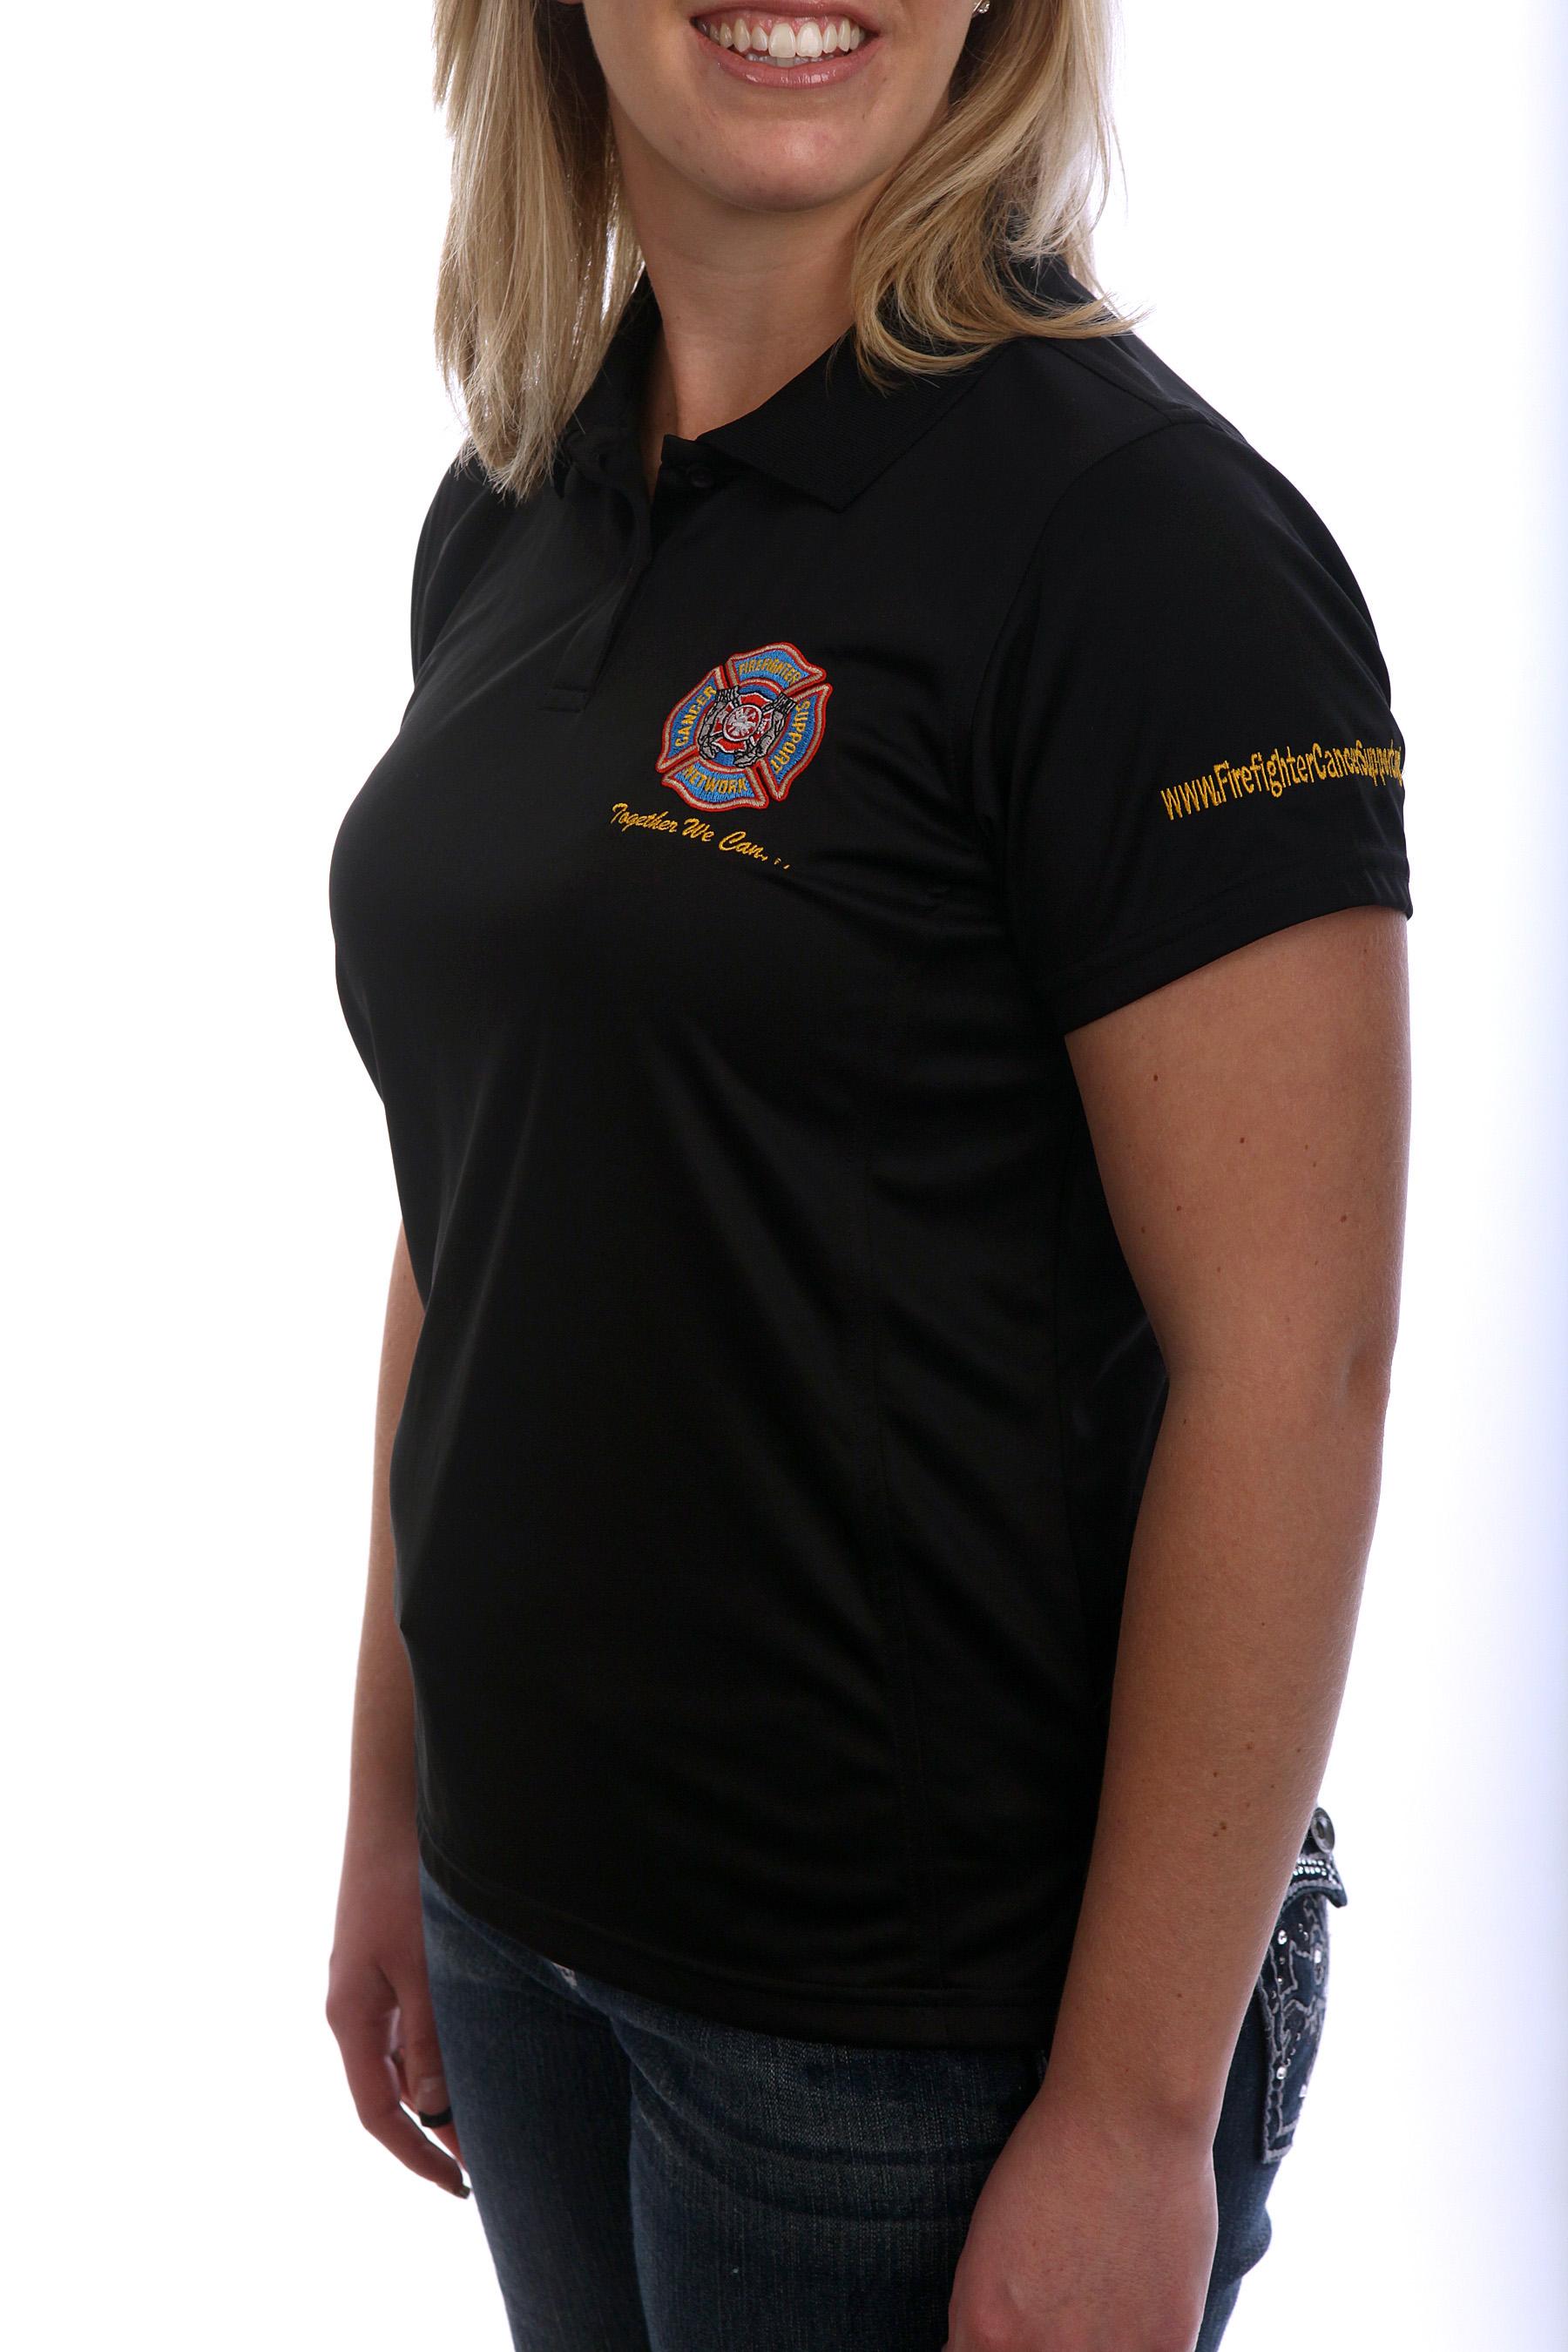 FCSN Women's Golf Shirt - Black